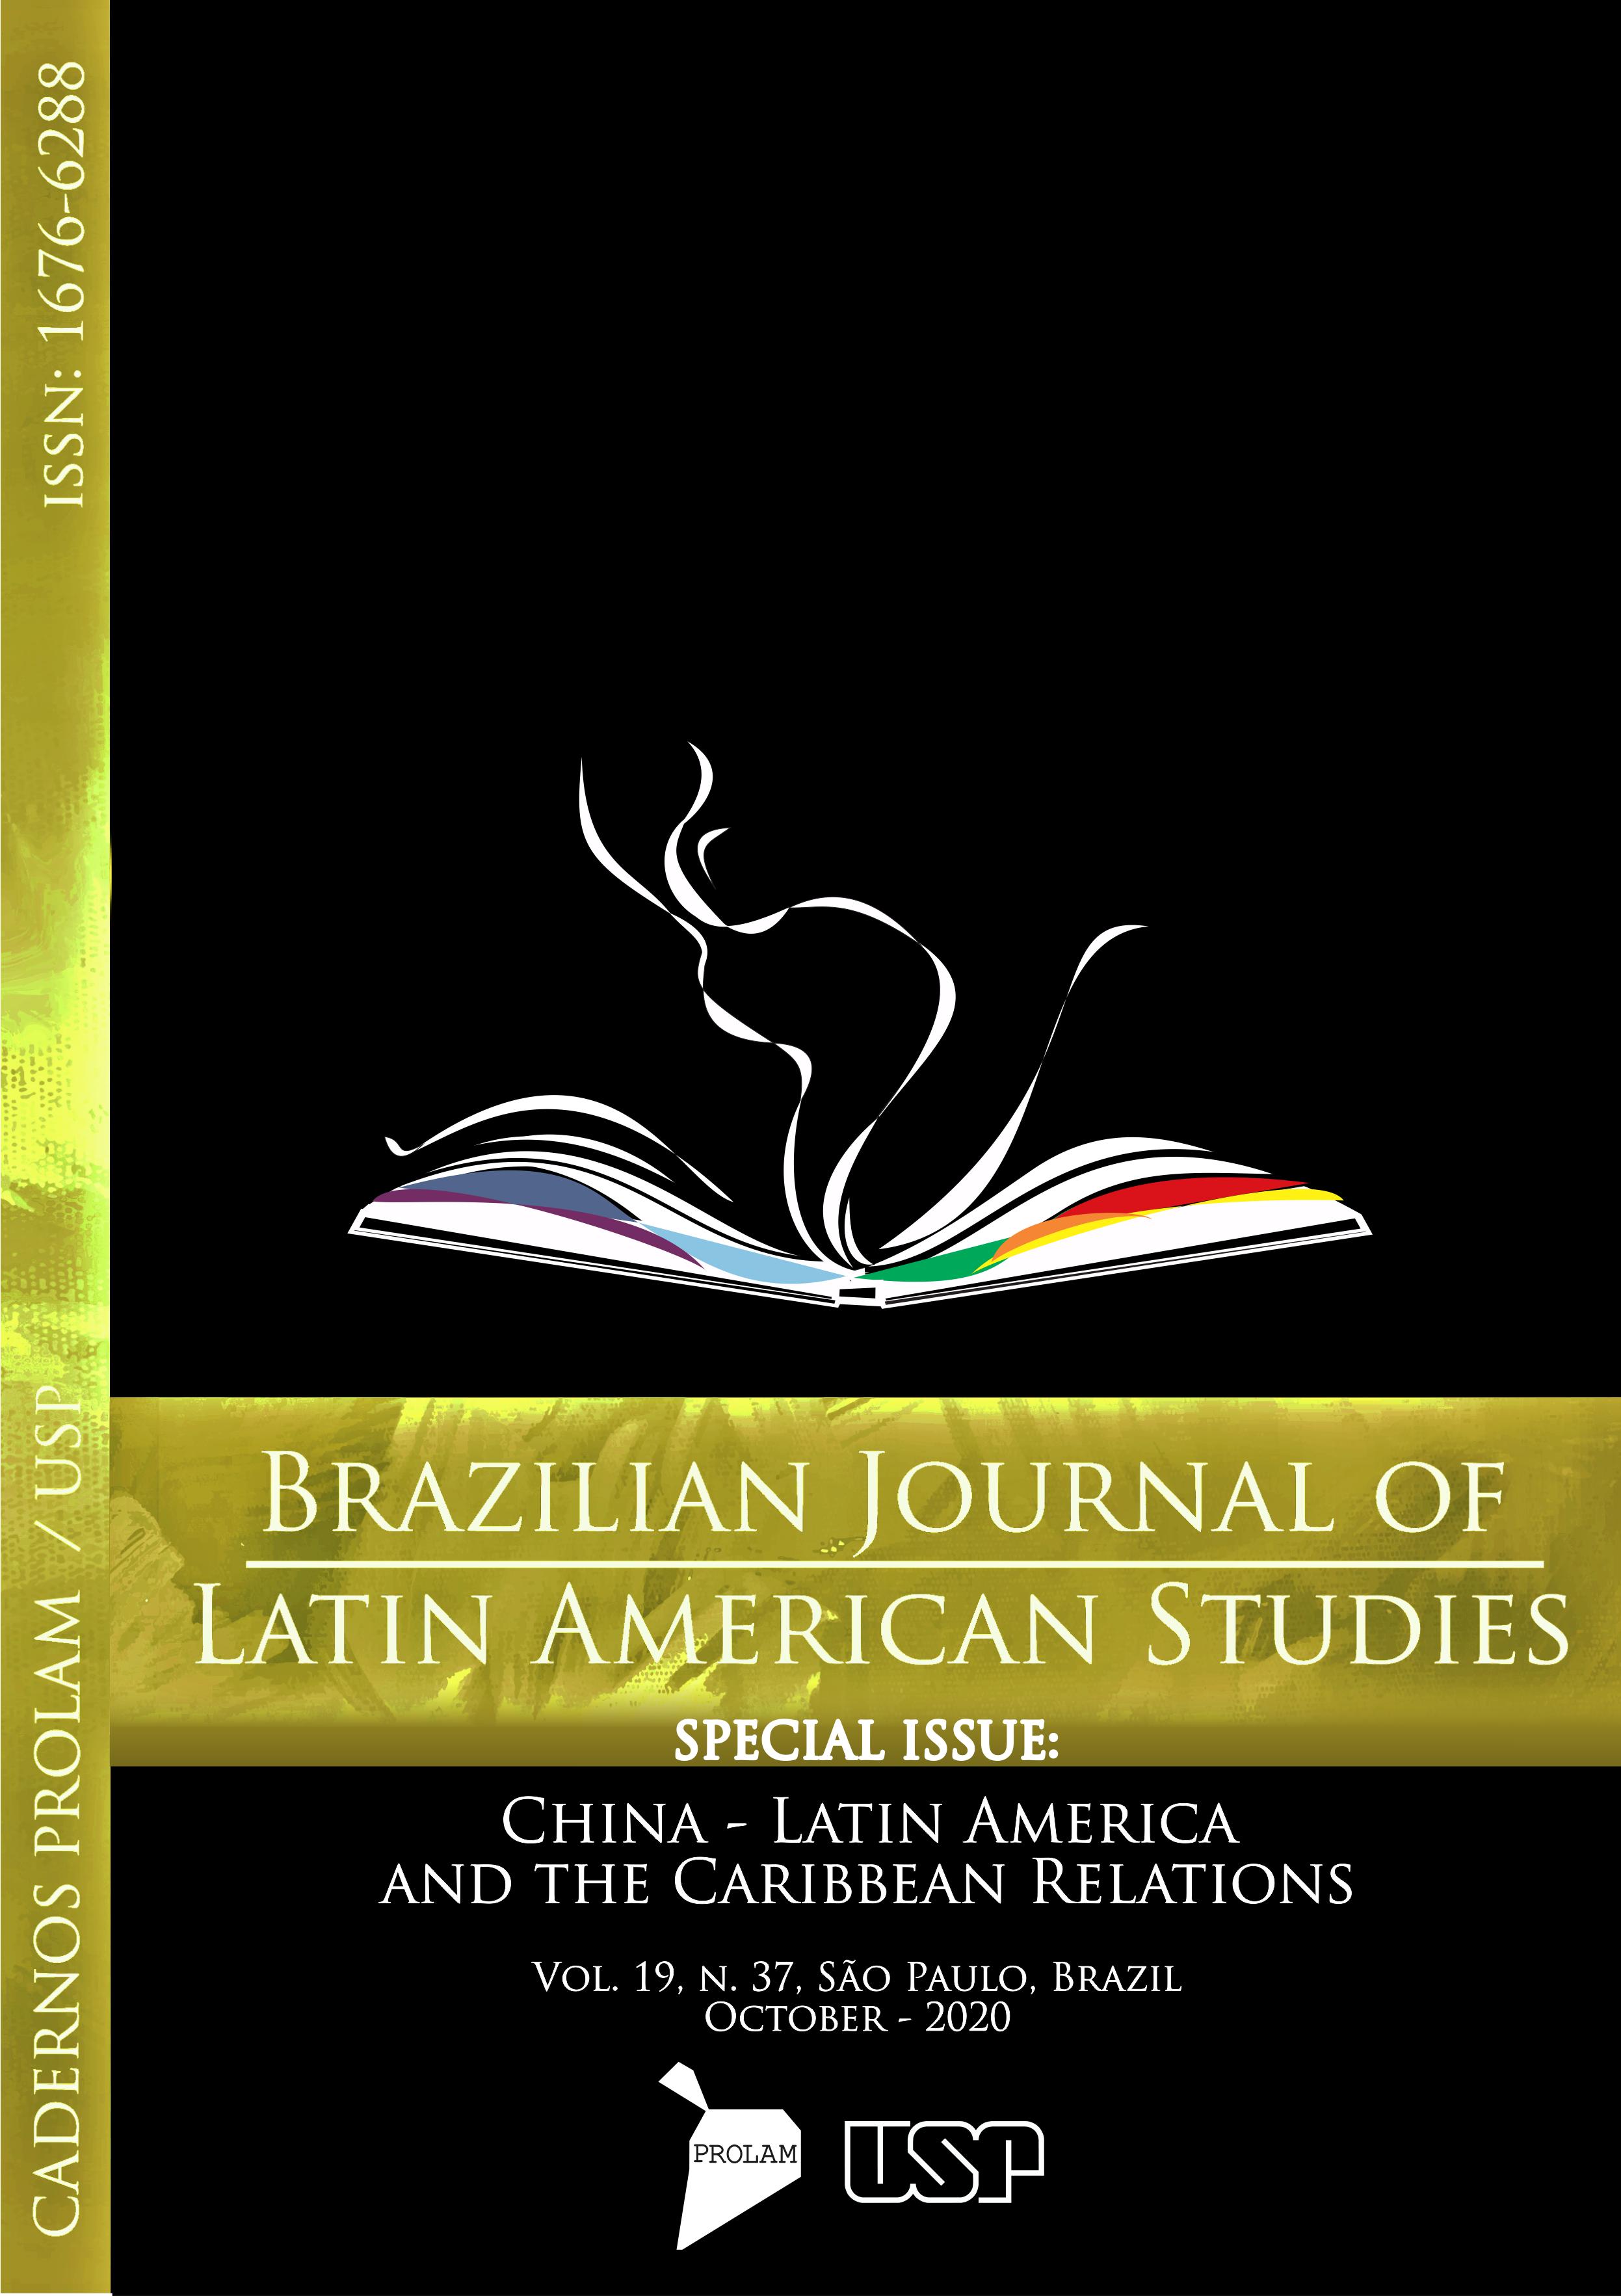 Visualizar v. 19 n. 37 (2020): Dossiê: Relações China - América Latina e Caribe